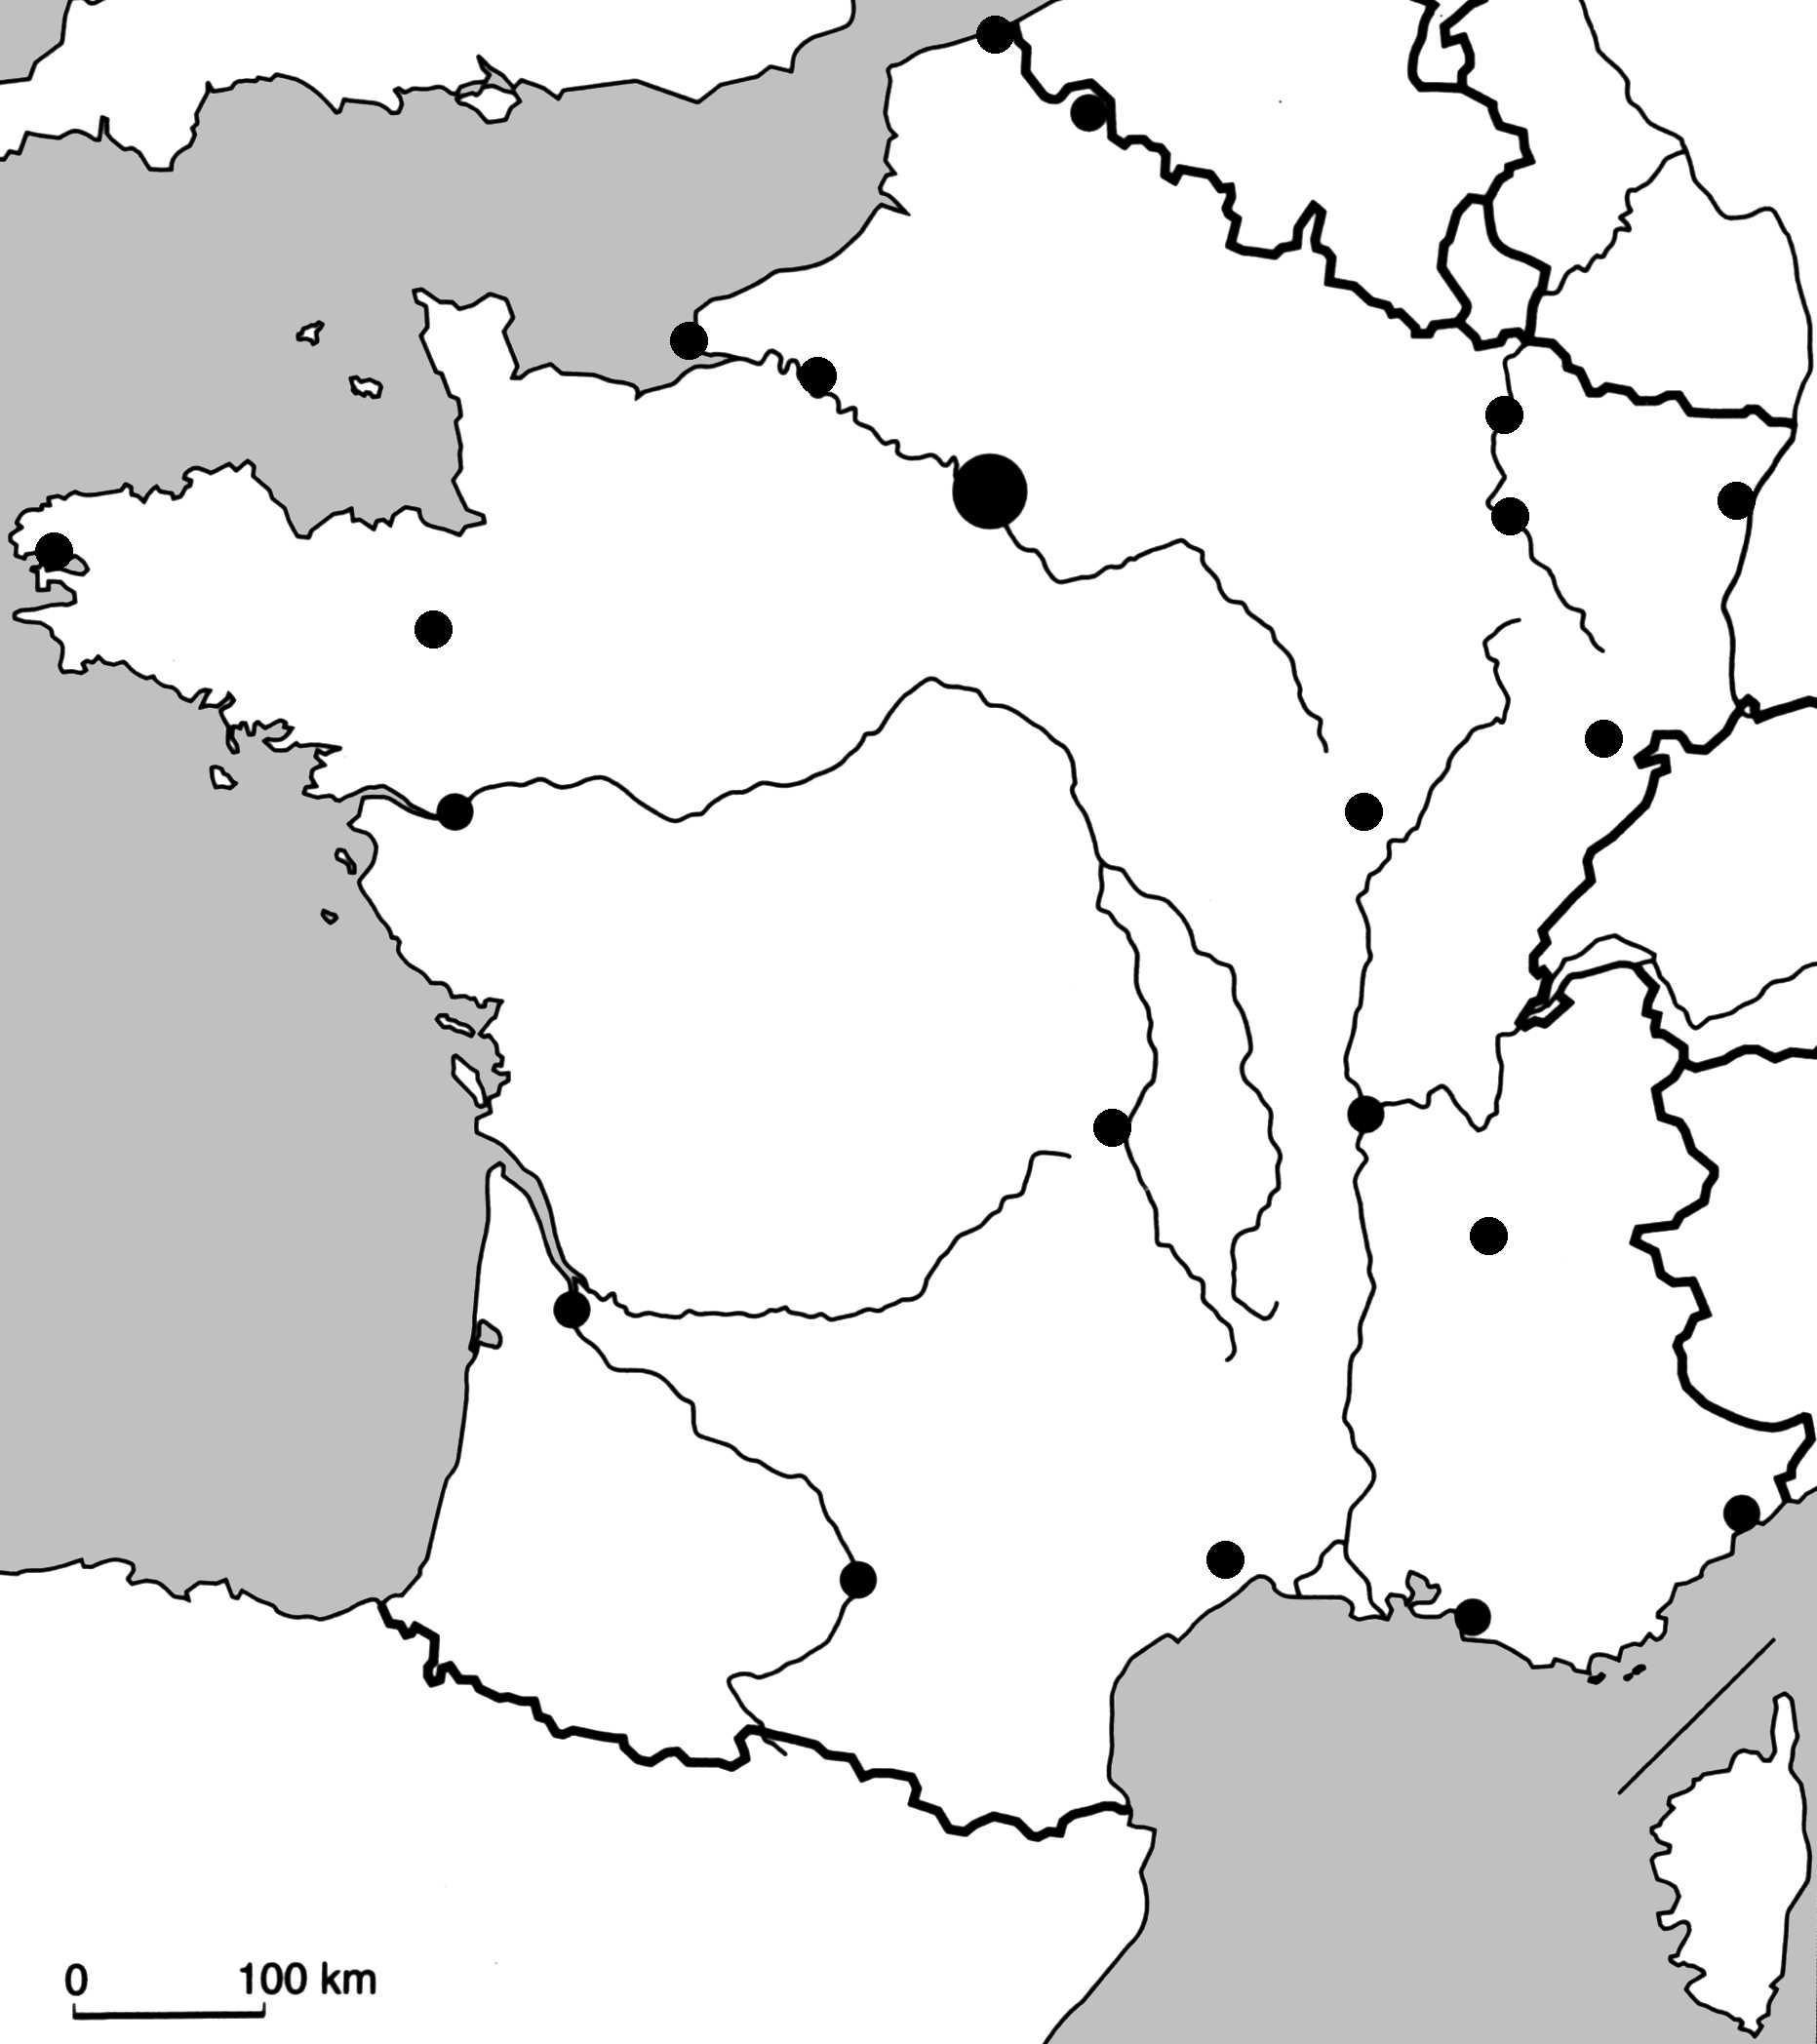 Afficher L'image D'origine | Carte France Vierge, Fleuve De concernant Carte De France Des Fleuves